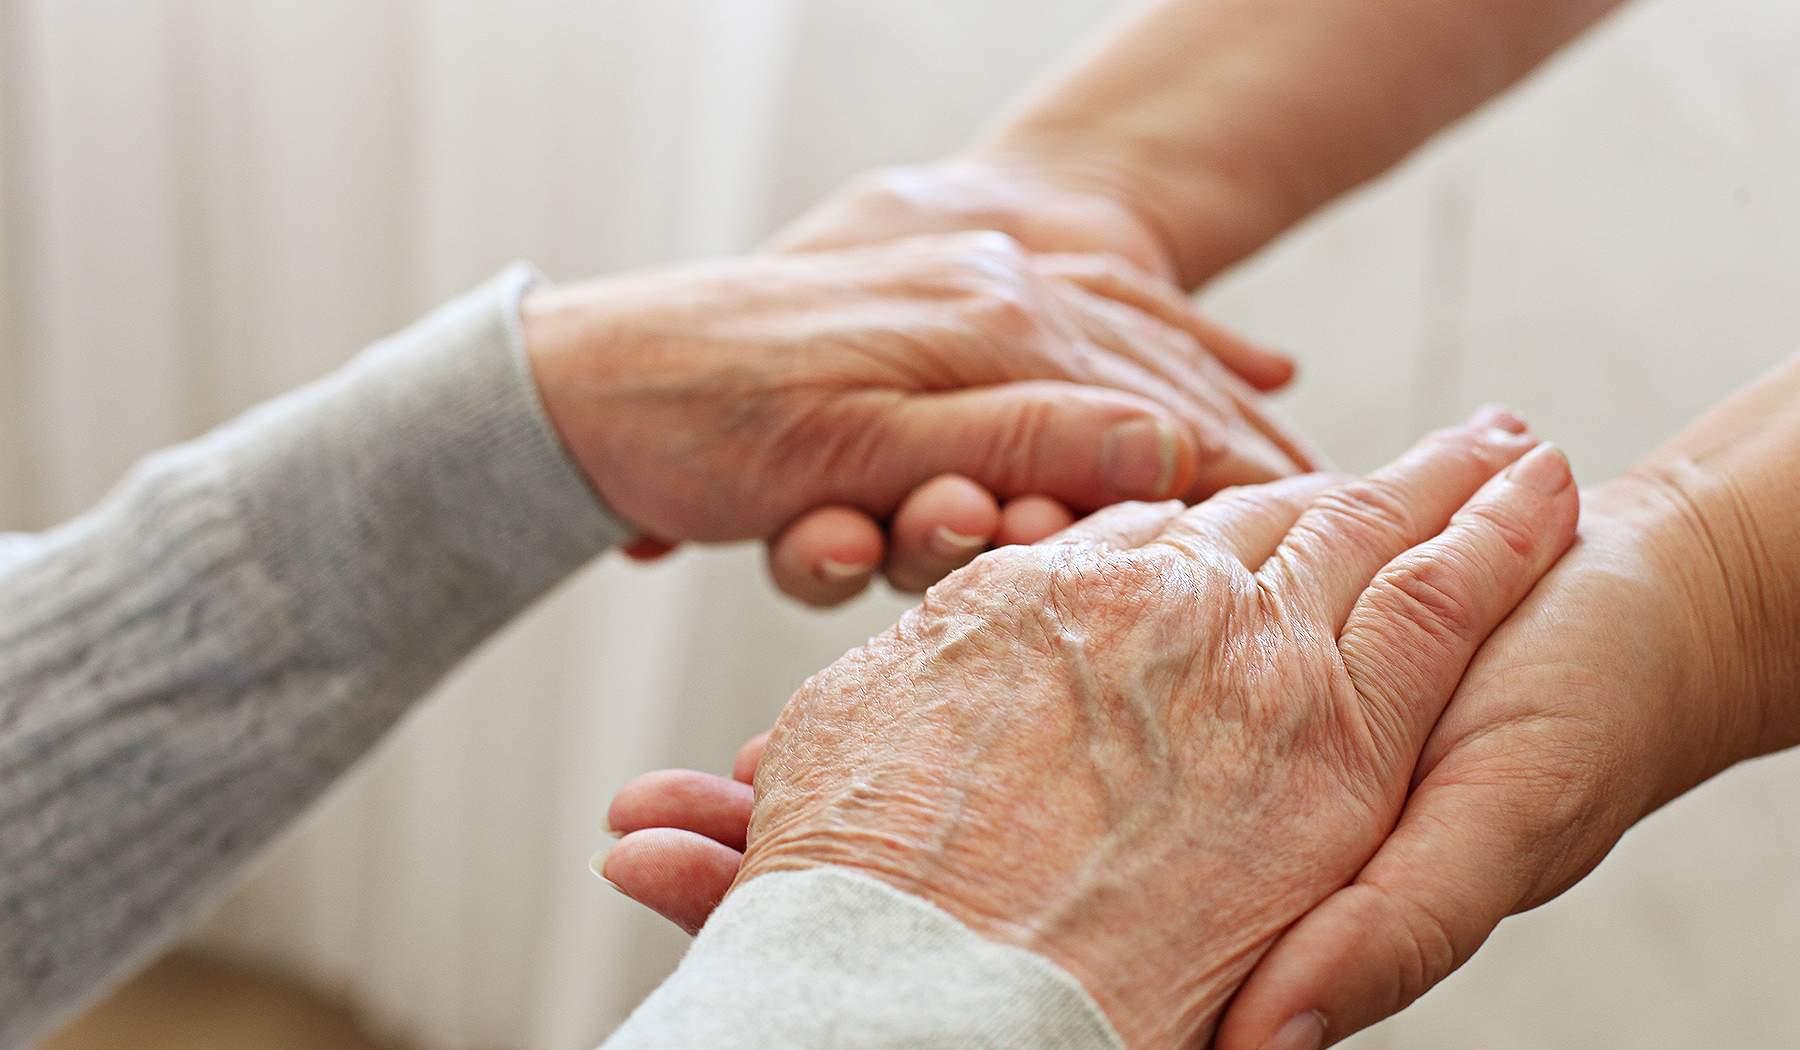 savoir faire - respect - proximité et engagement